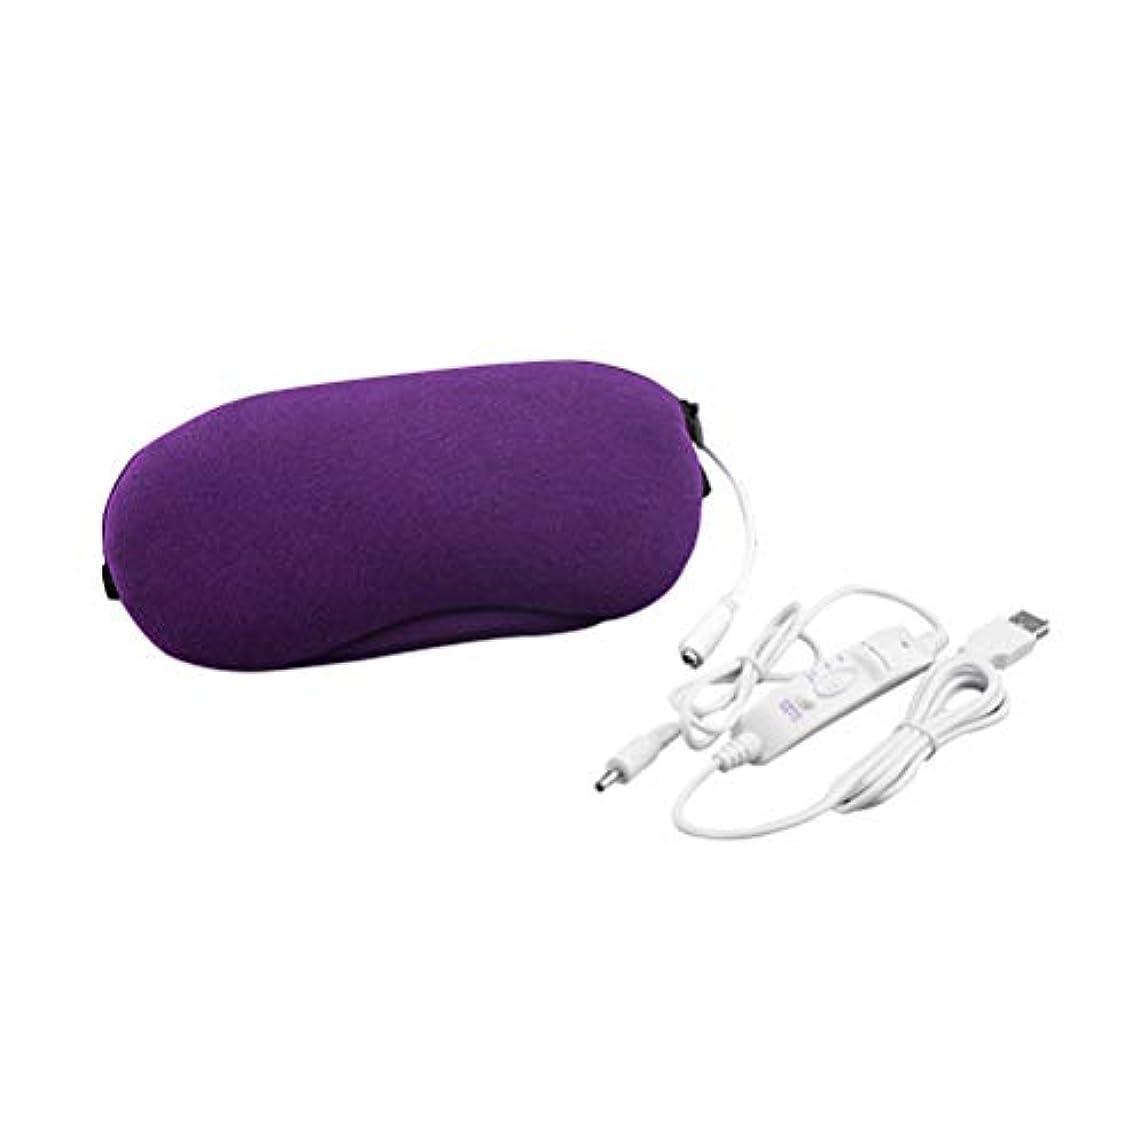 定期的な論争の的一回Healifty アイマスク 蒸気ホットアイマスク USB 加熱式 スリーピングアイマスク 温度とタイミング制御 吹き出物/乾燥/疲れた目(紫)